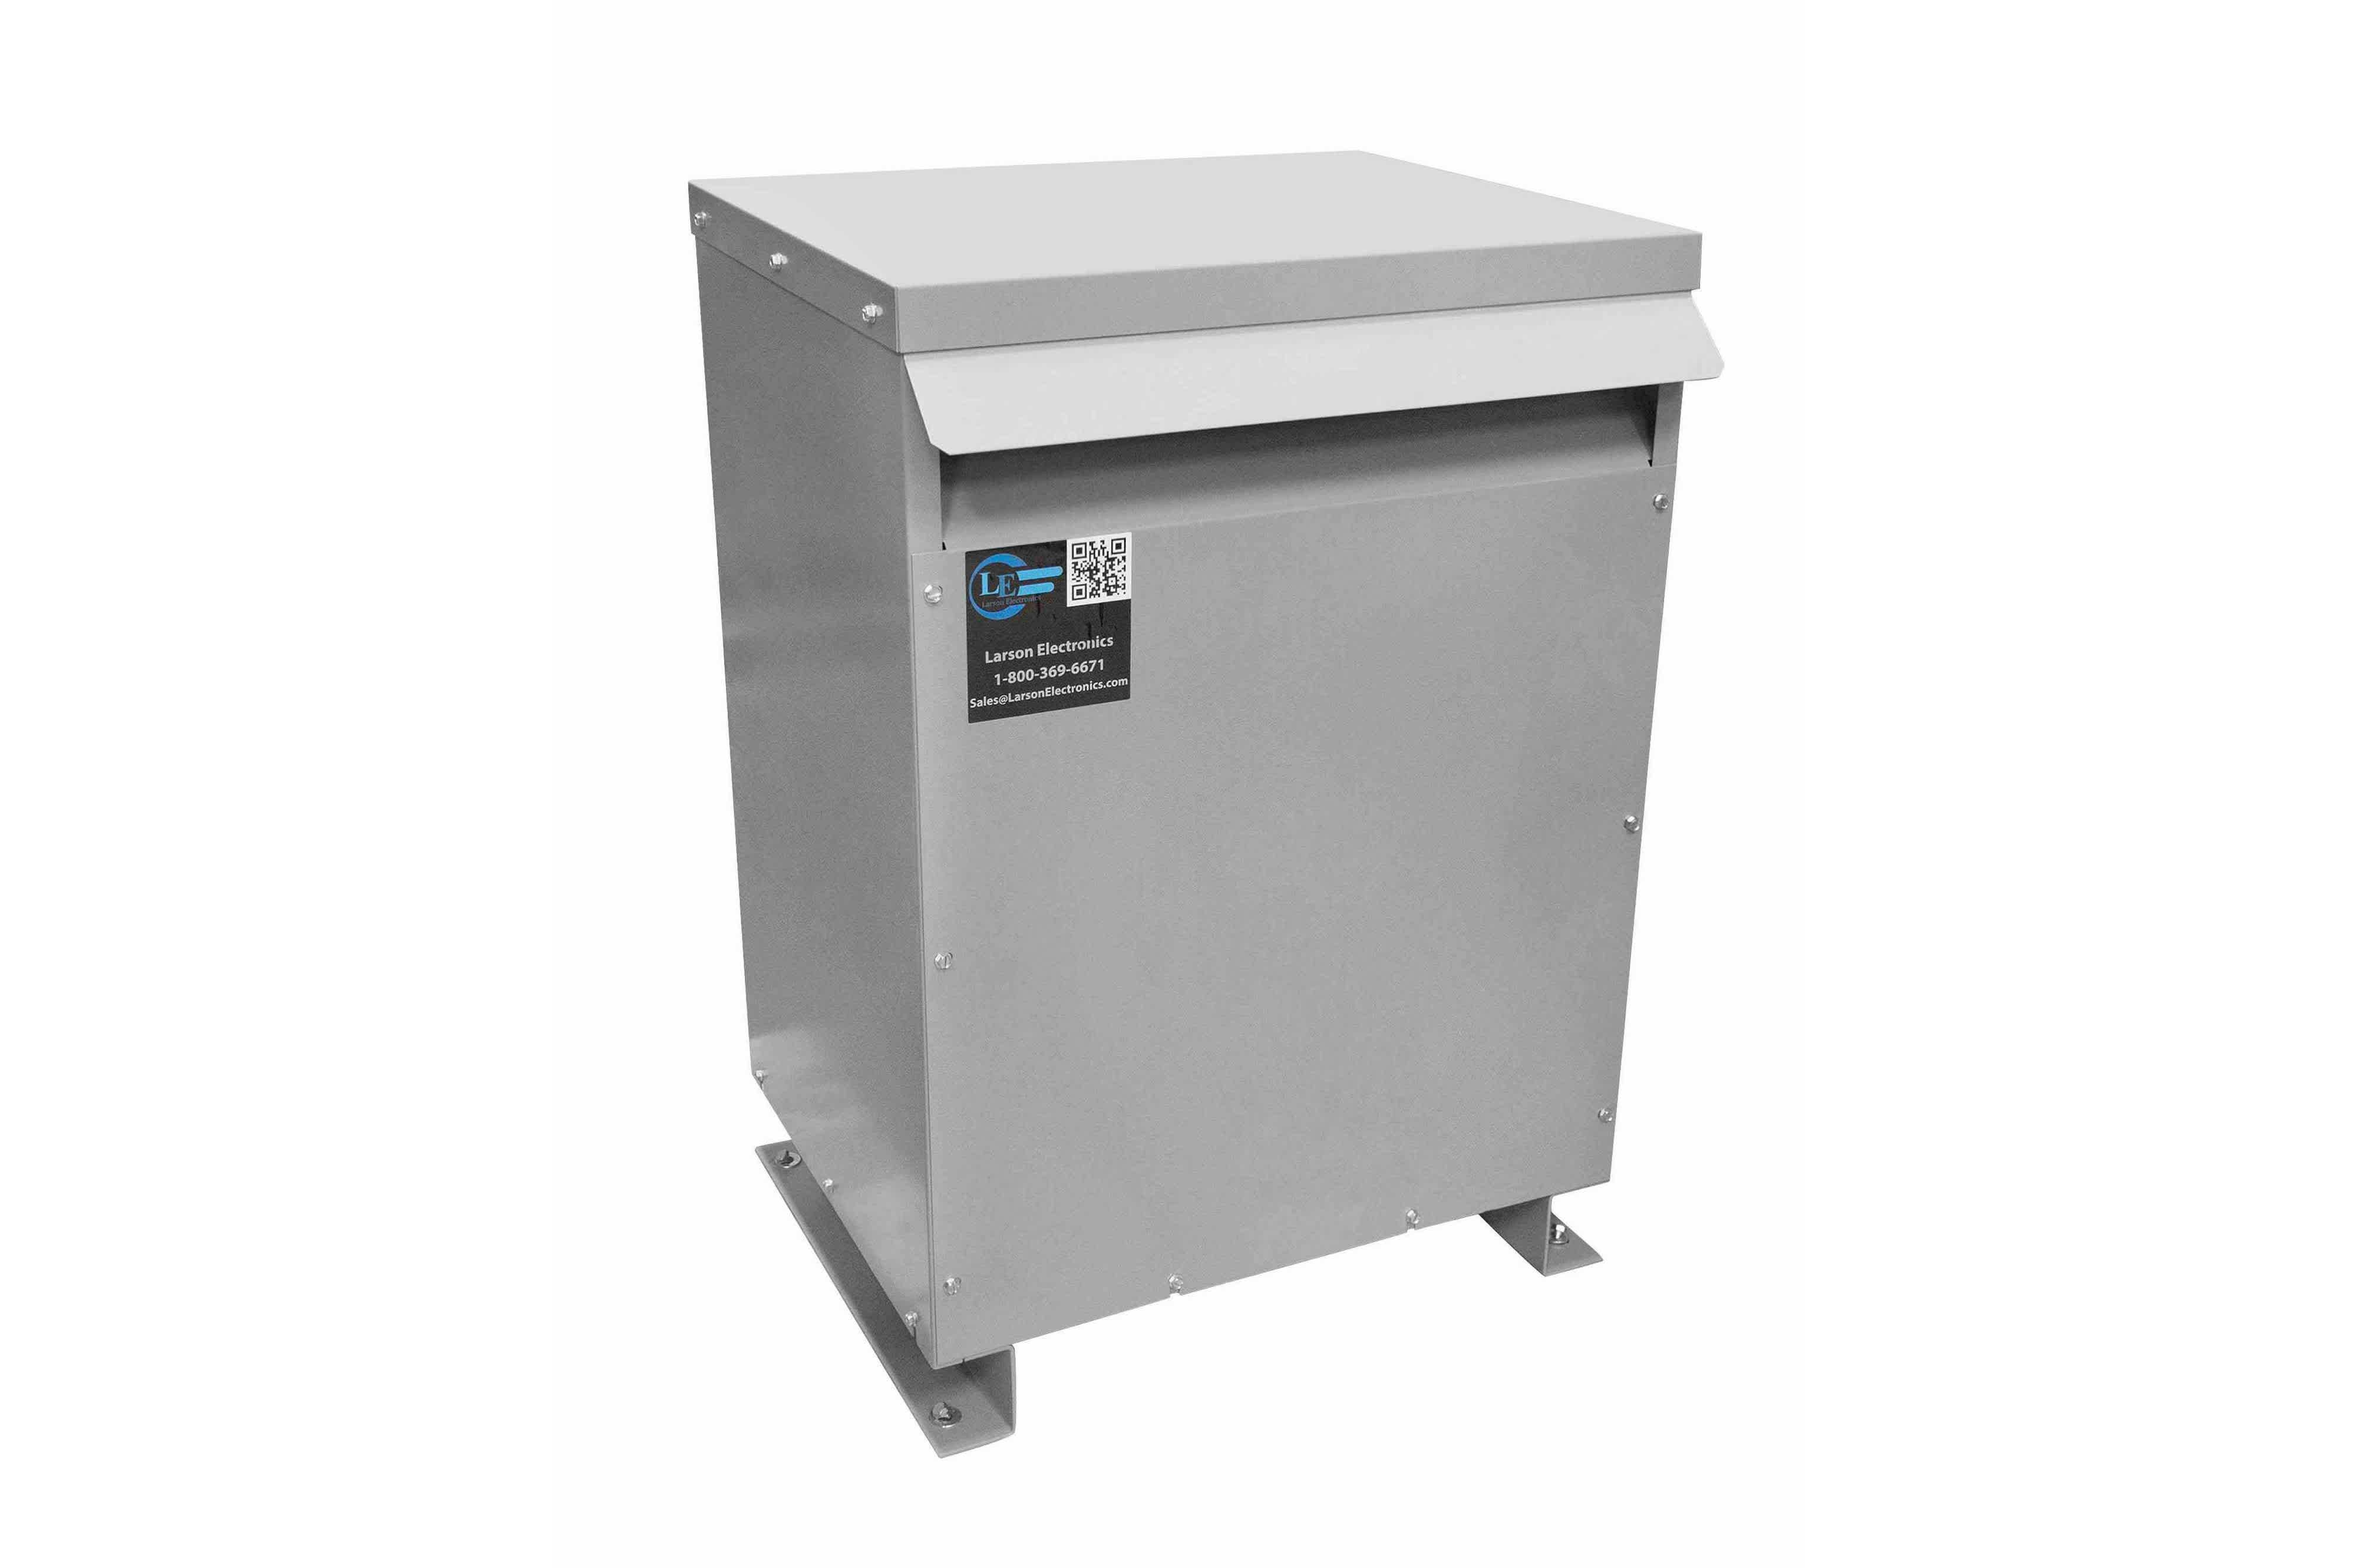 14 kVA 3PH Isolation Transformer, 480V Delta Primary, 575V Delta Secondary, N3R, Ventilated, 60 Hz